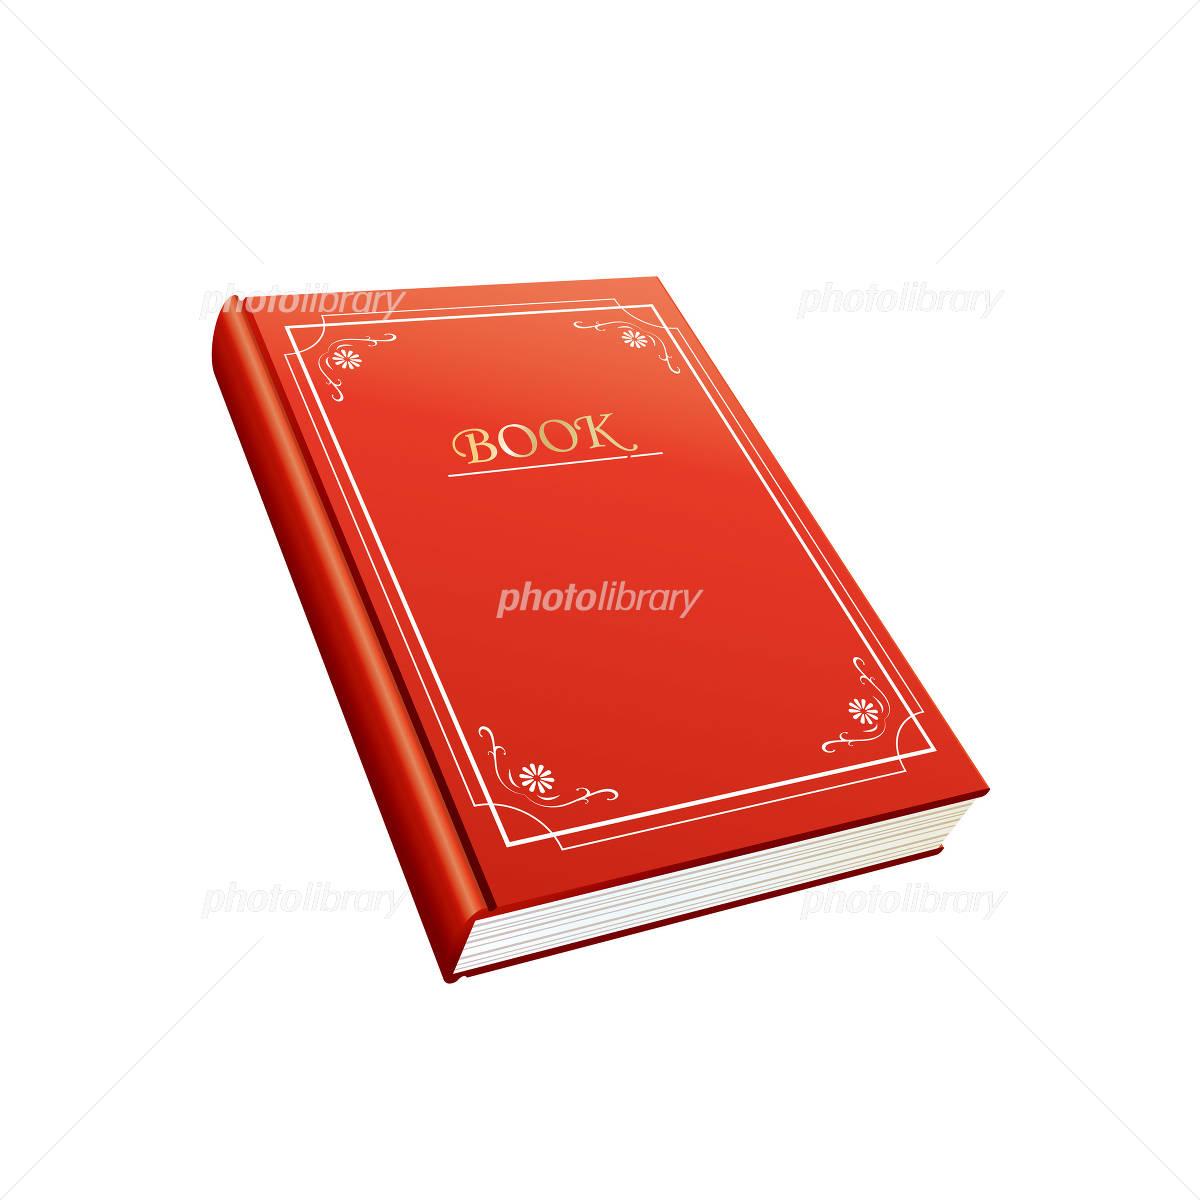 赤い本のイラスト イラスト素材 944410 フォトライブラリー